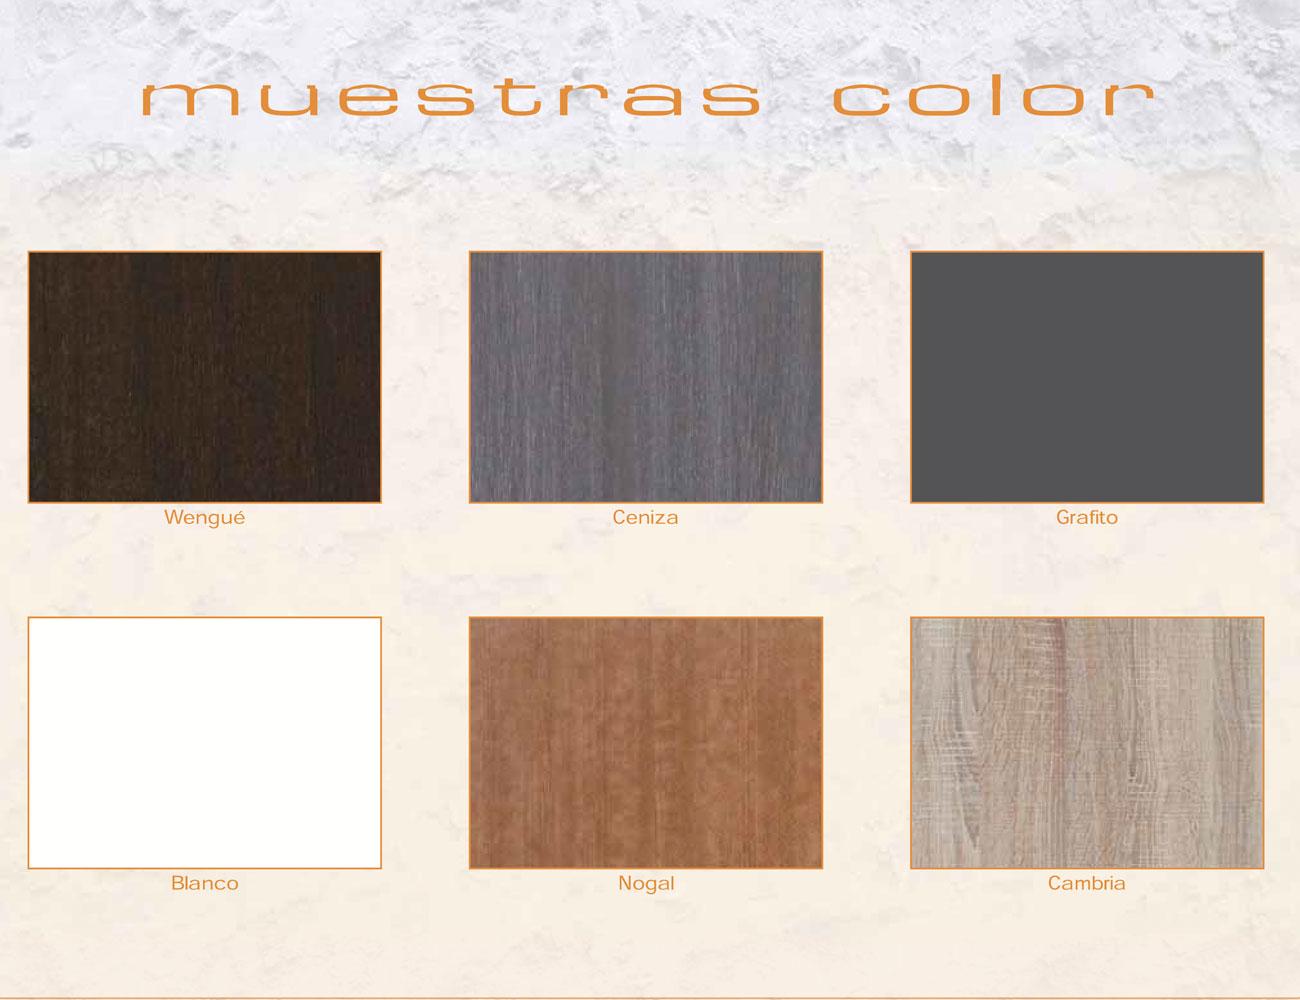 Muestras color muebles expo7